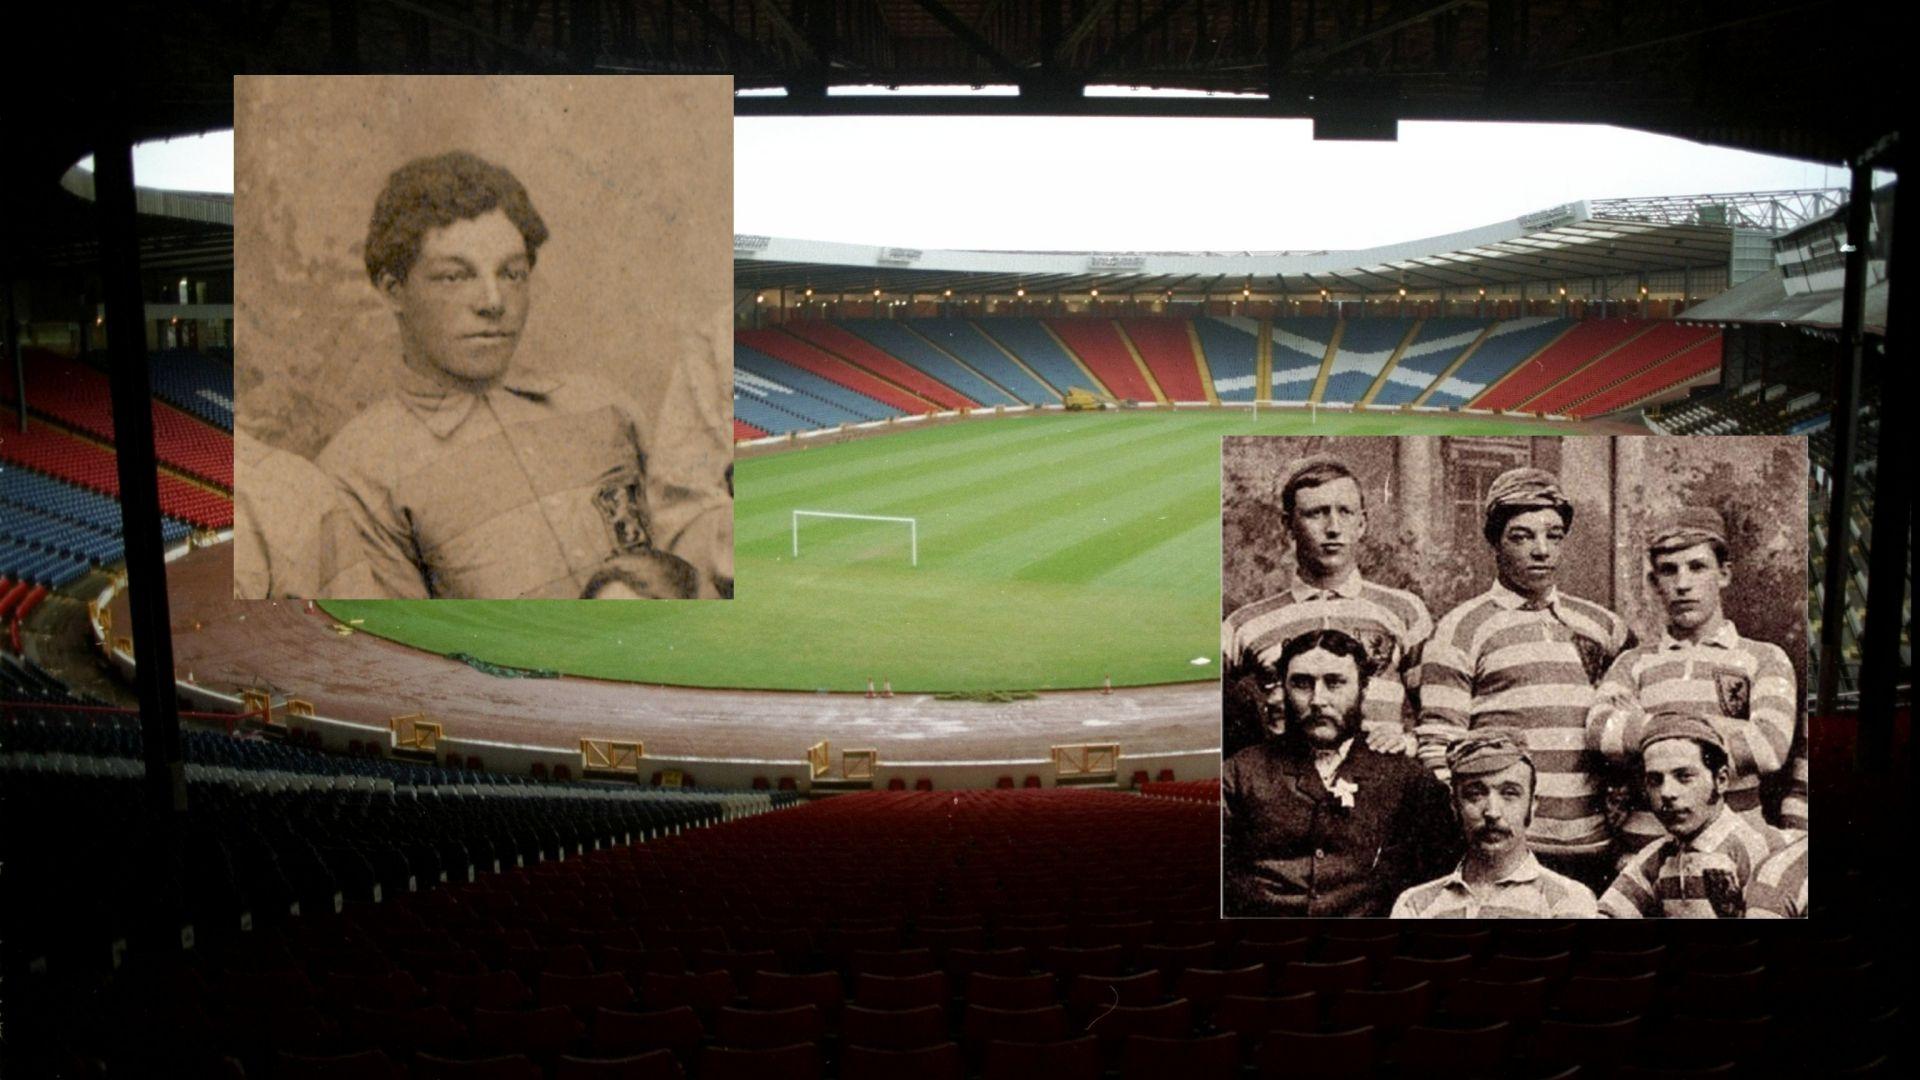 Пионер в играта - Андрю Уотсън, който промени международния футбол